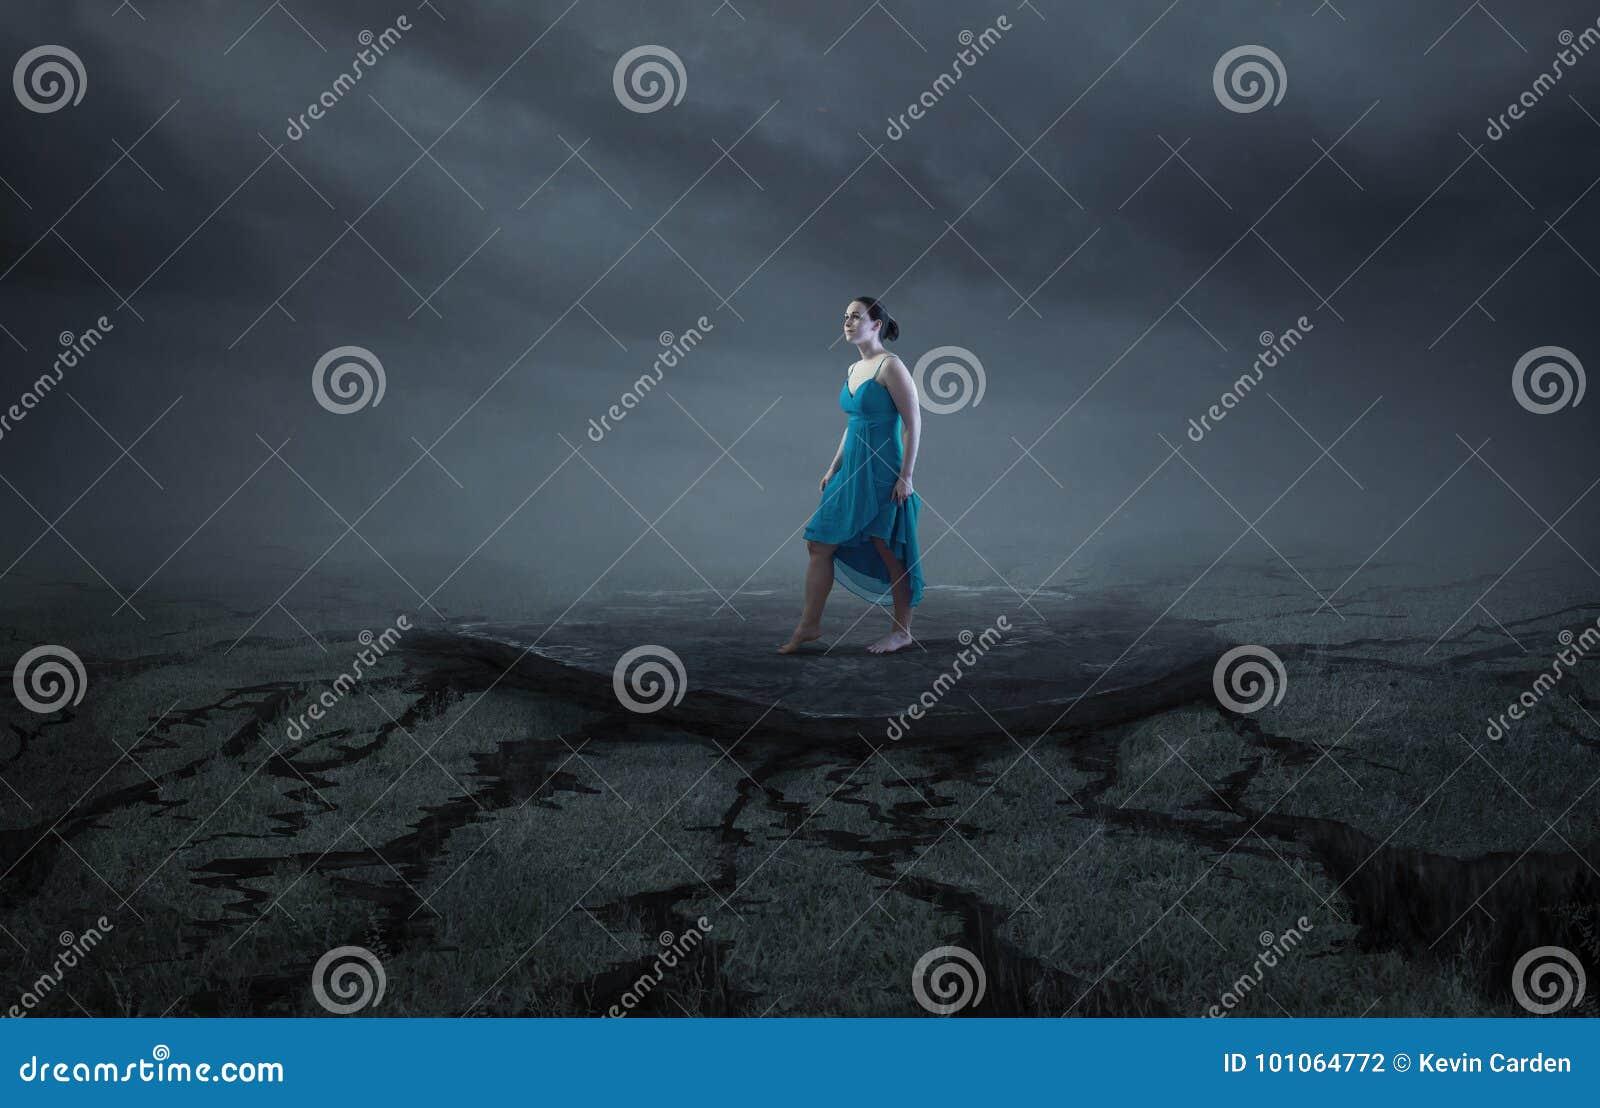 Una mujer se coloca en una roca sólida